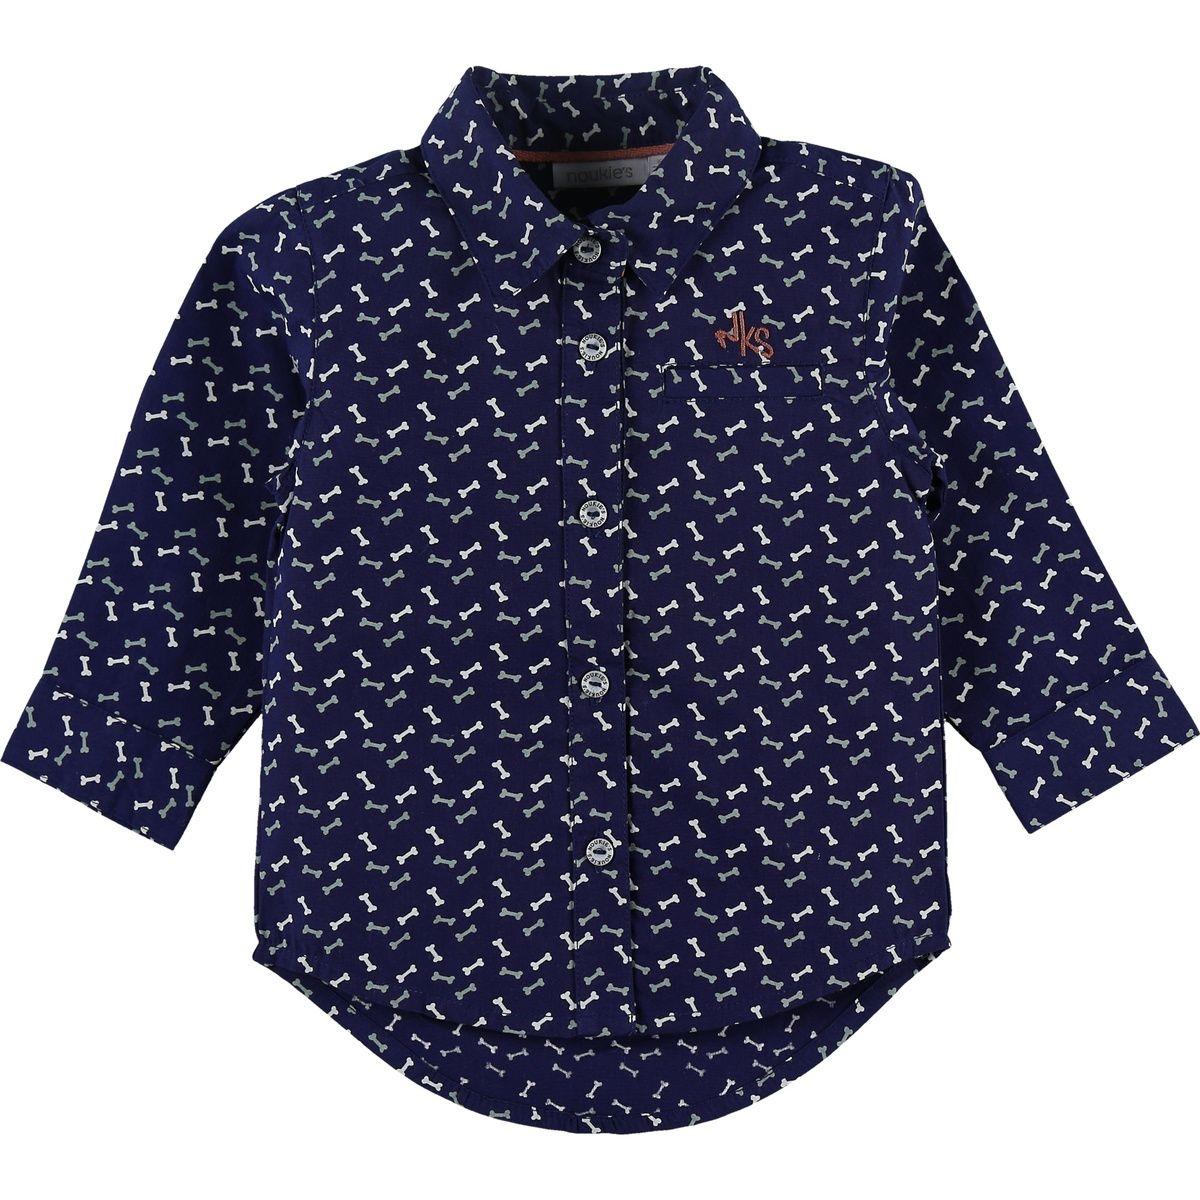 La chemise marine en coton imprimé